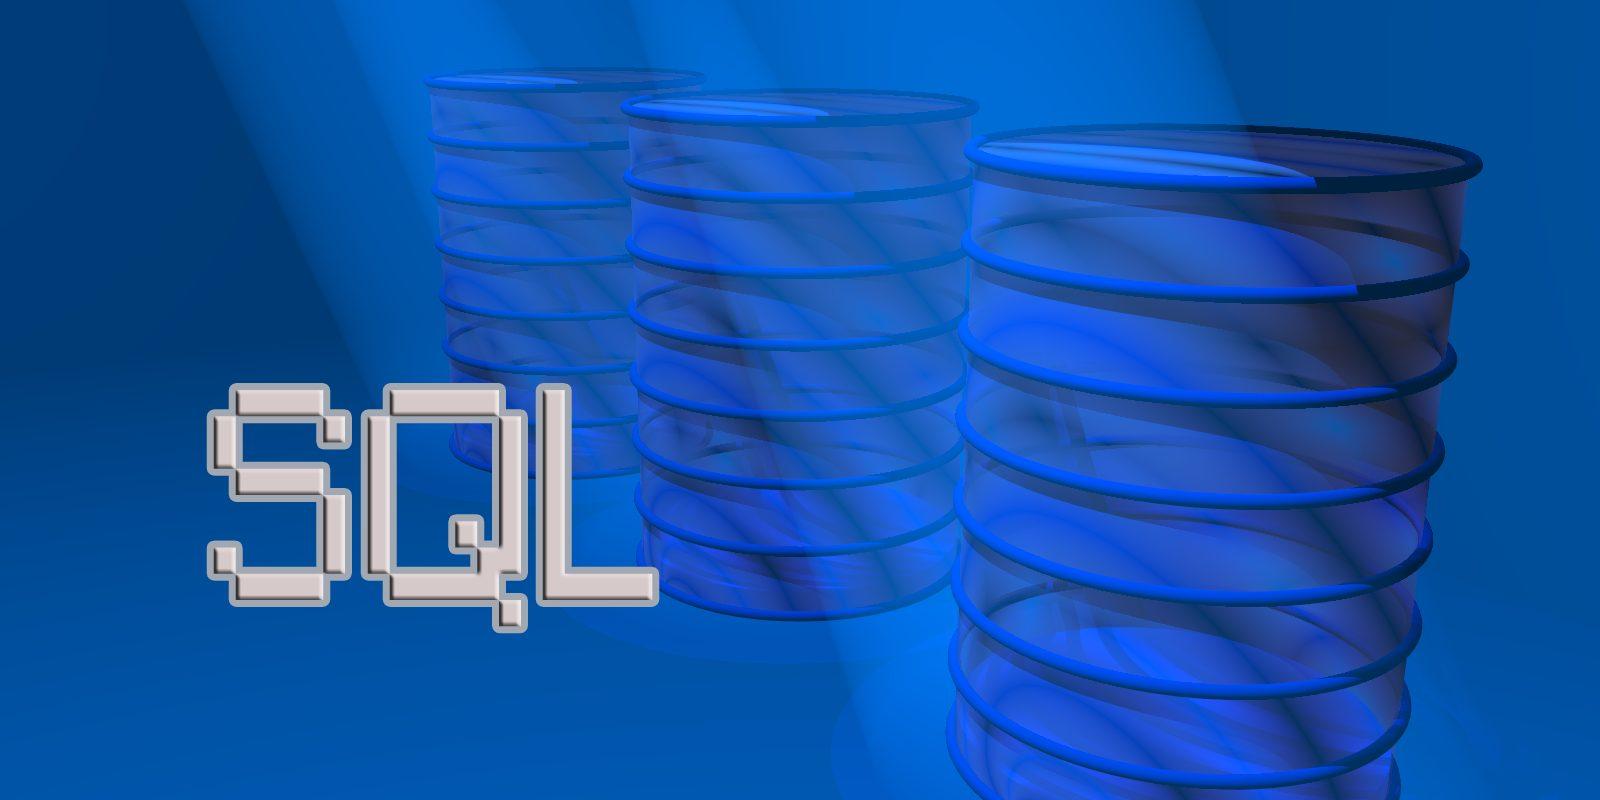 От CREATE до JOIN: введение в SQL + шпаргалка